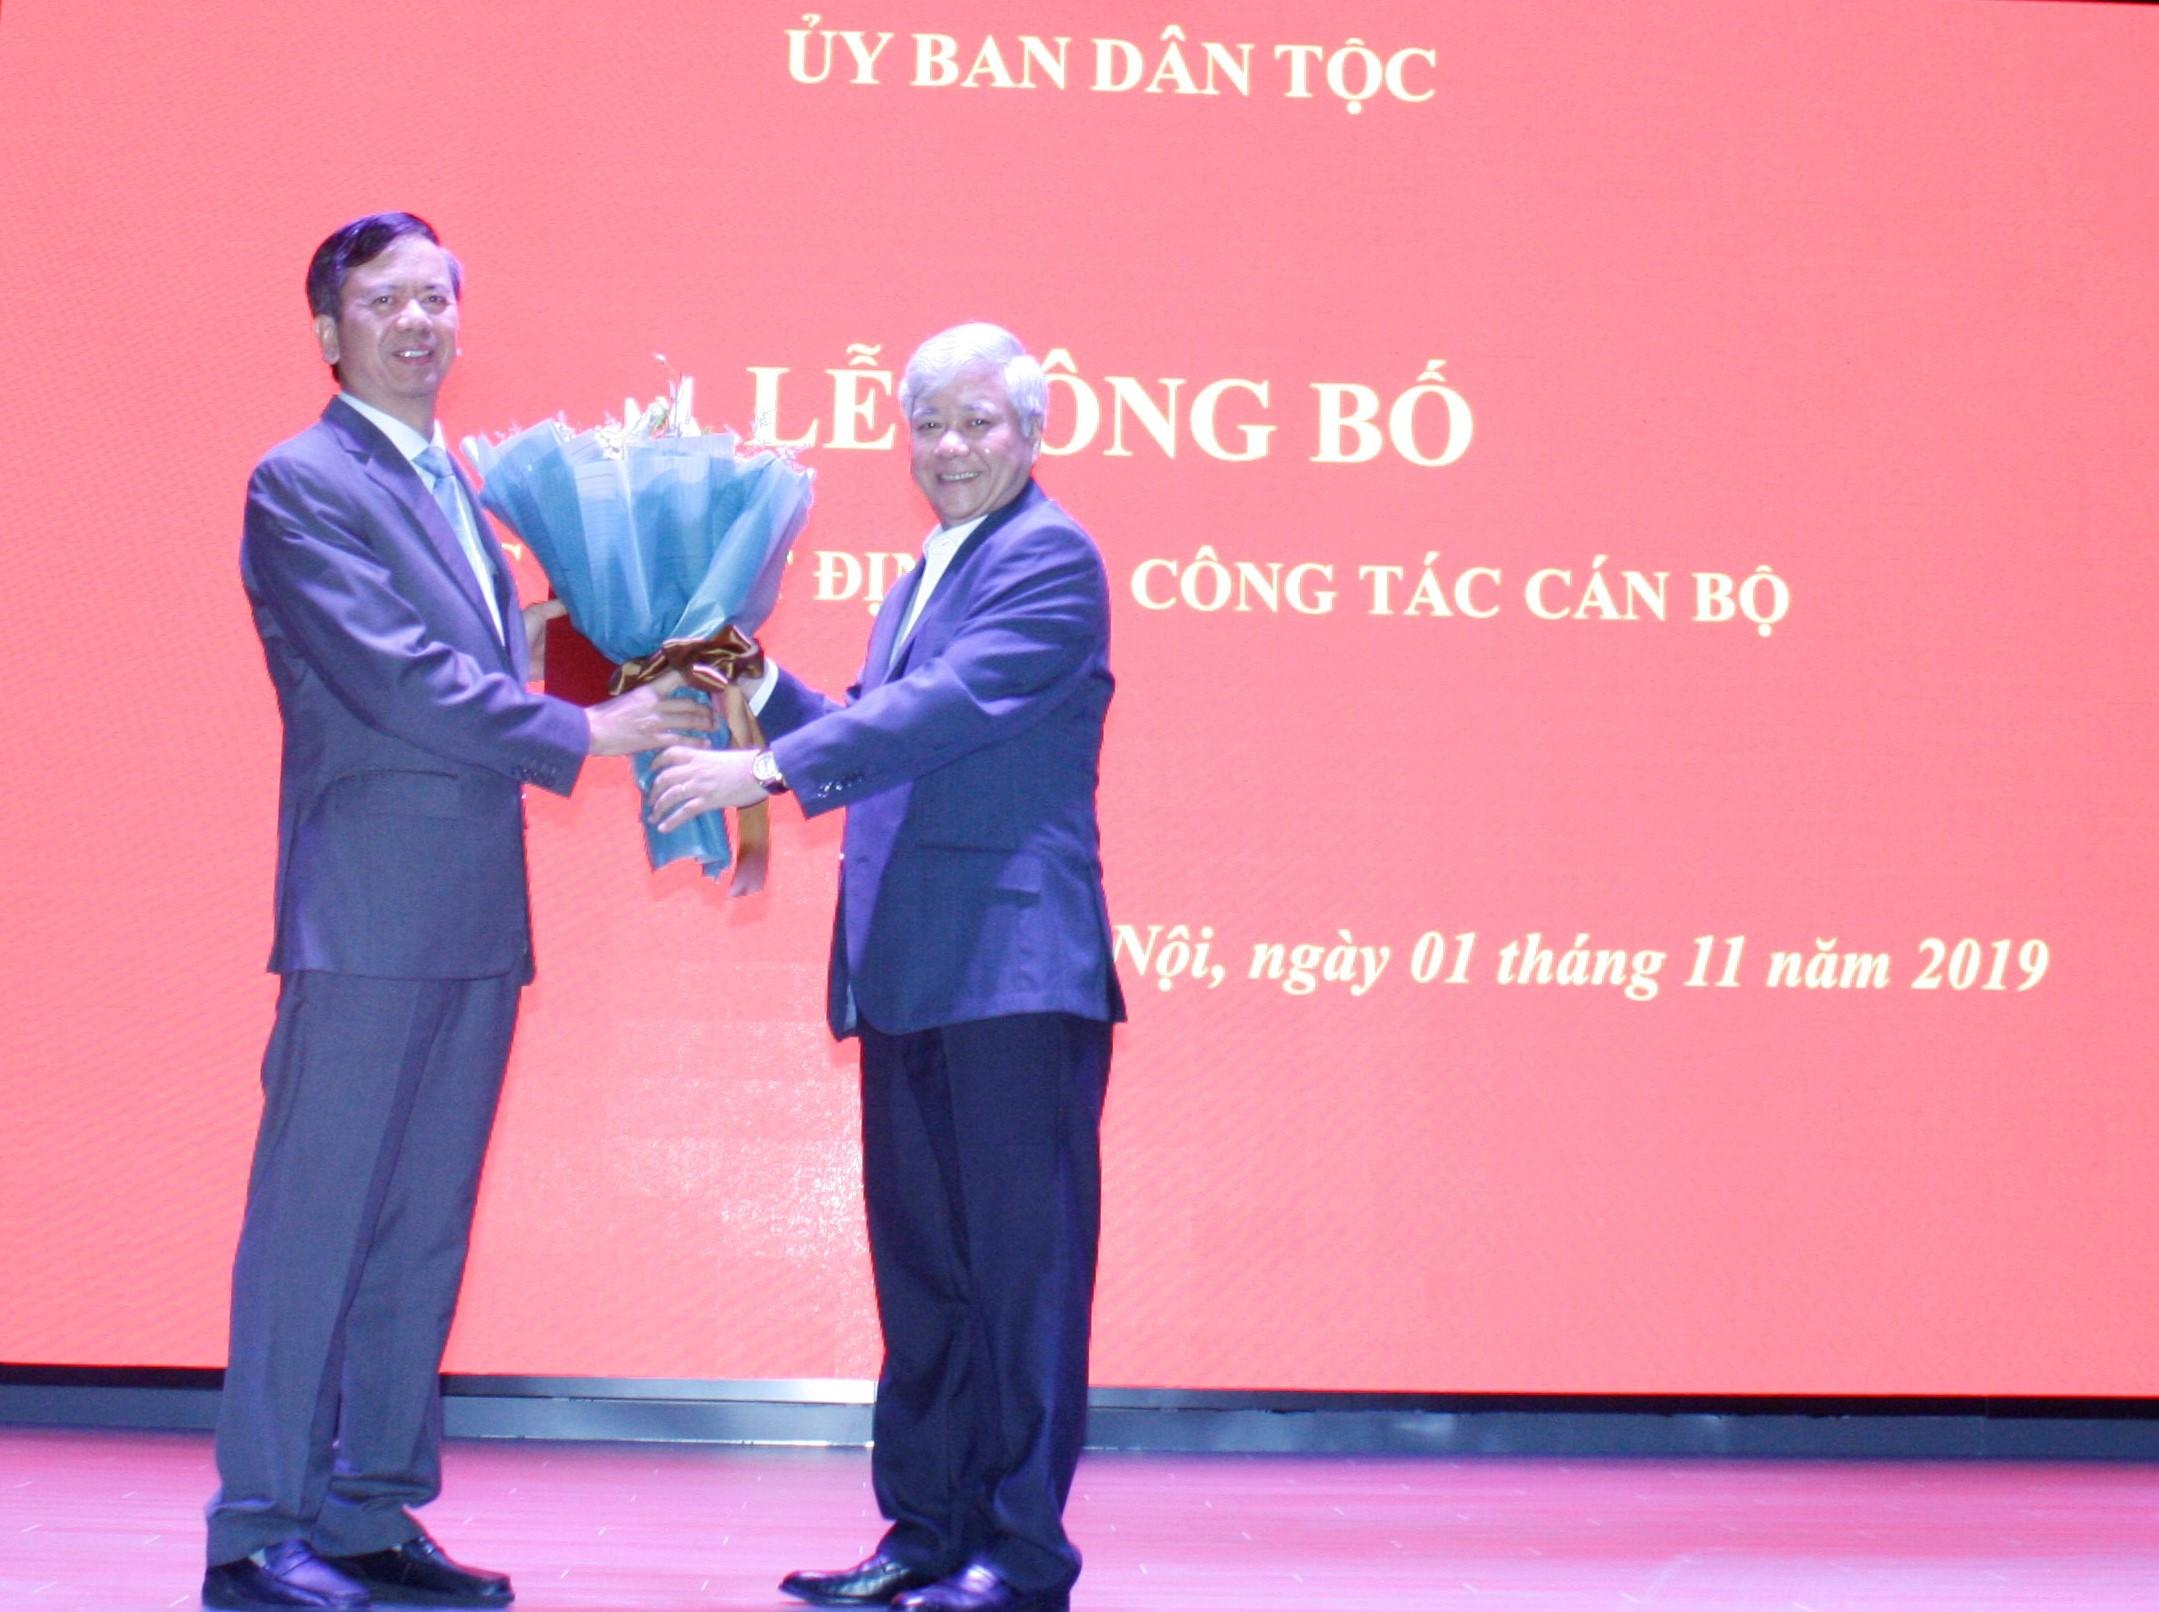 Bộ trưởng, Chủ nhiệm Đỗ Văn Chiến tặng hoa chúc mừng ông Phan Văn Hùng.